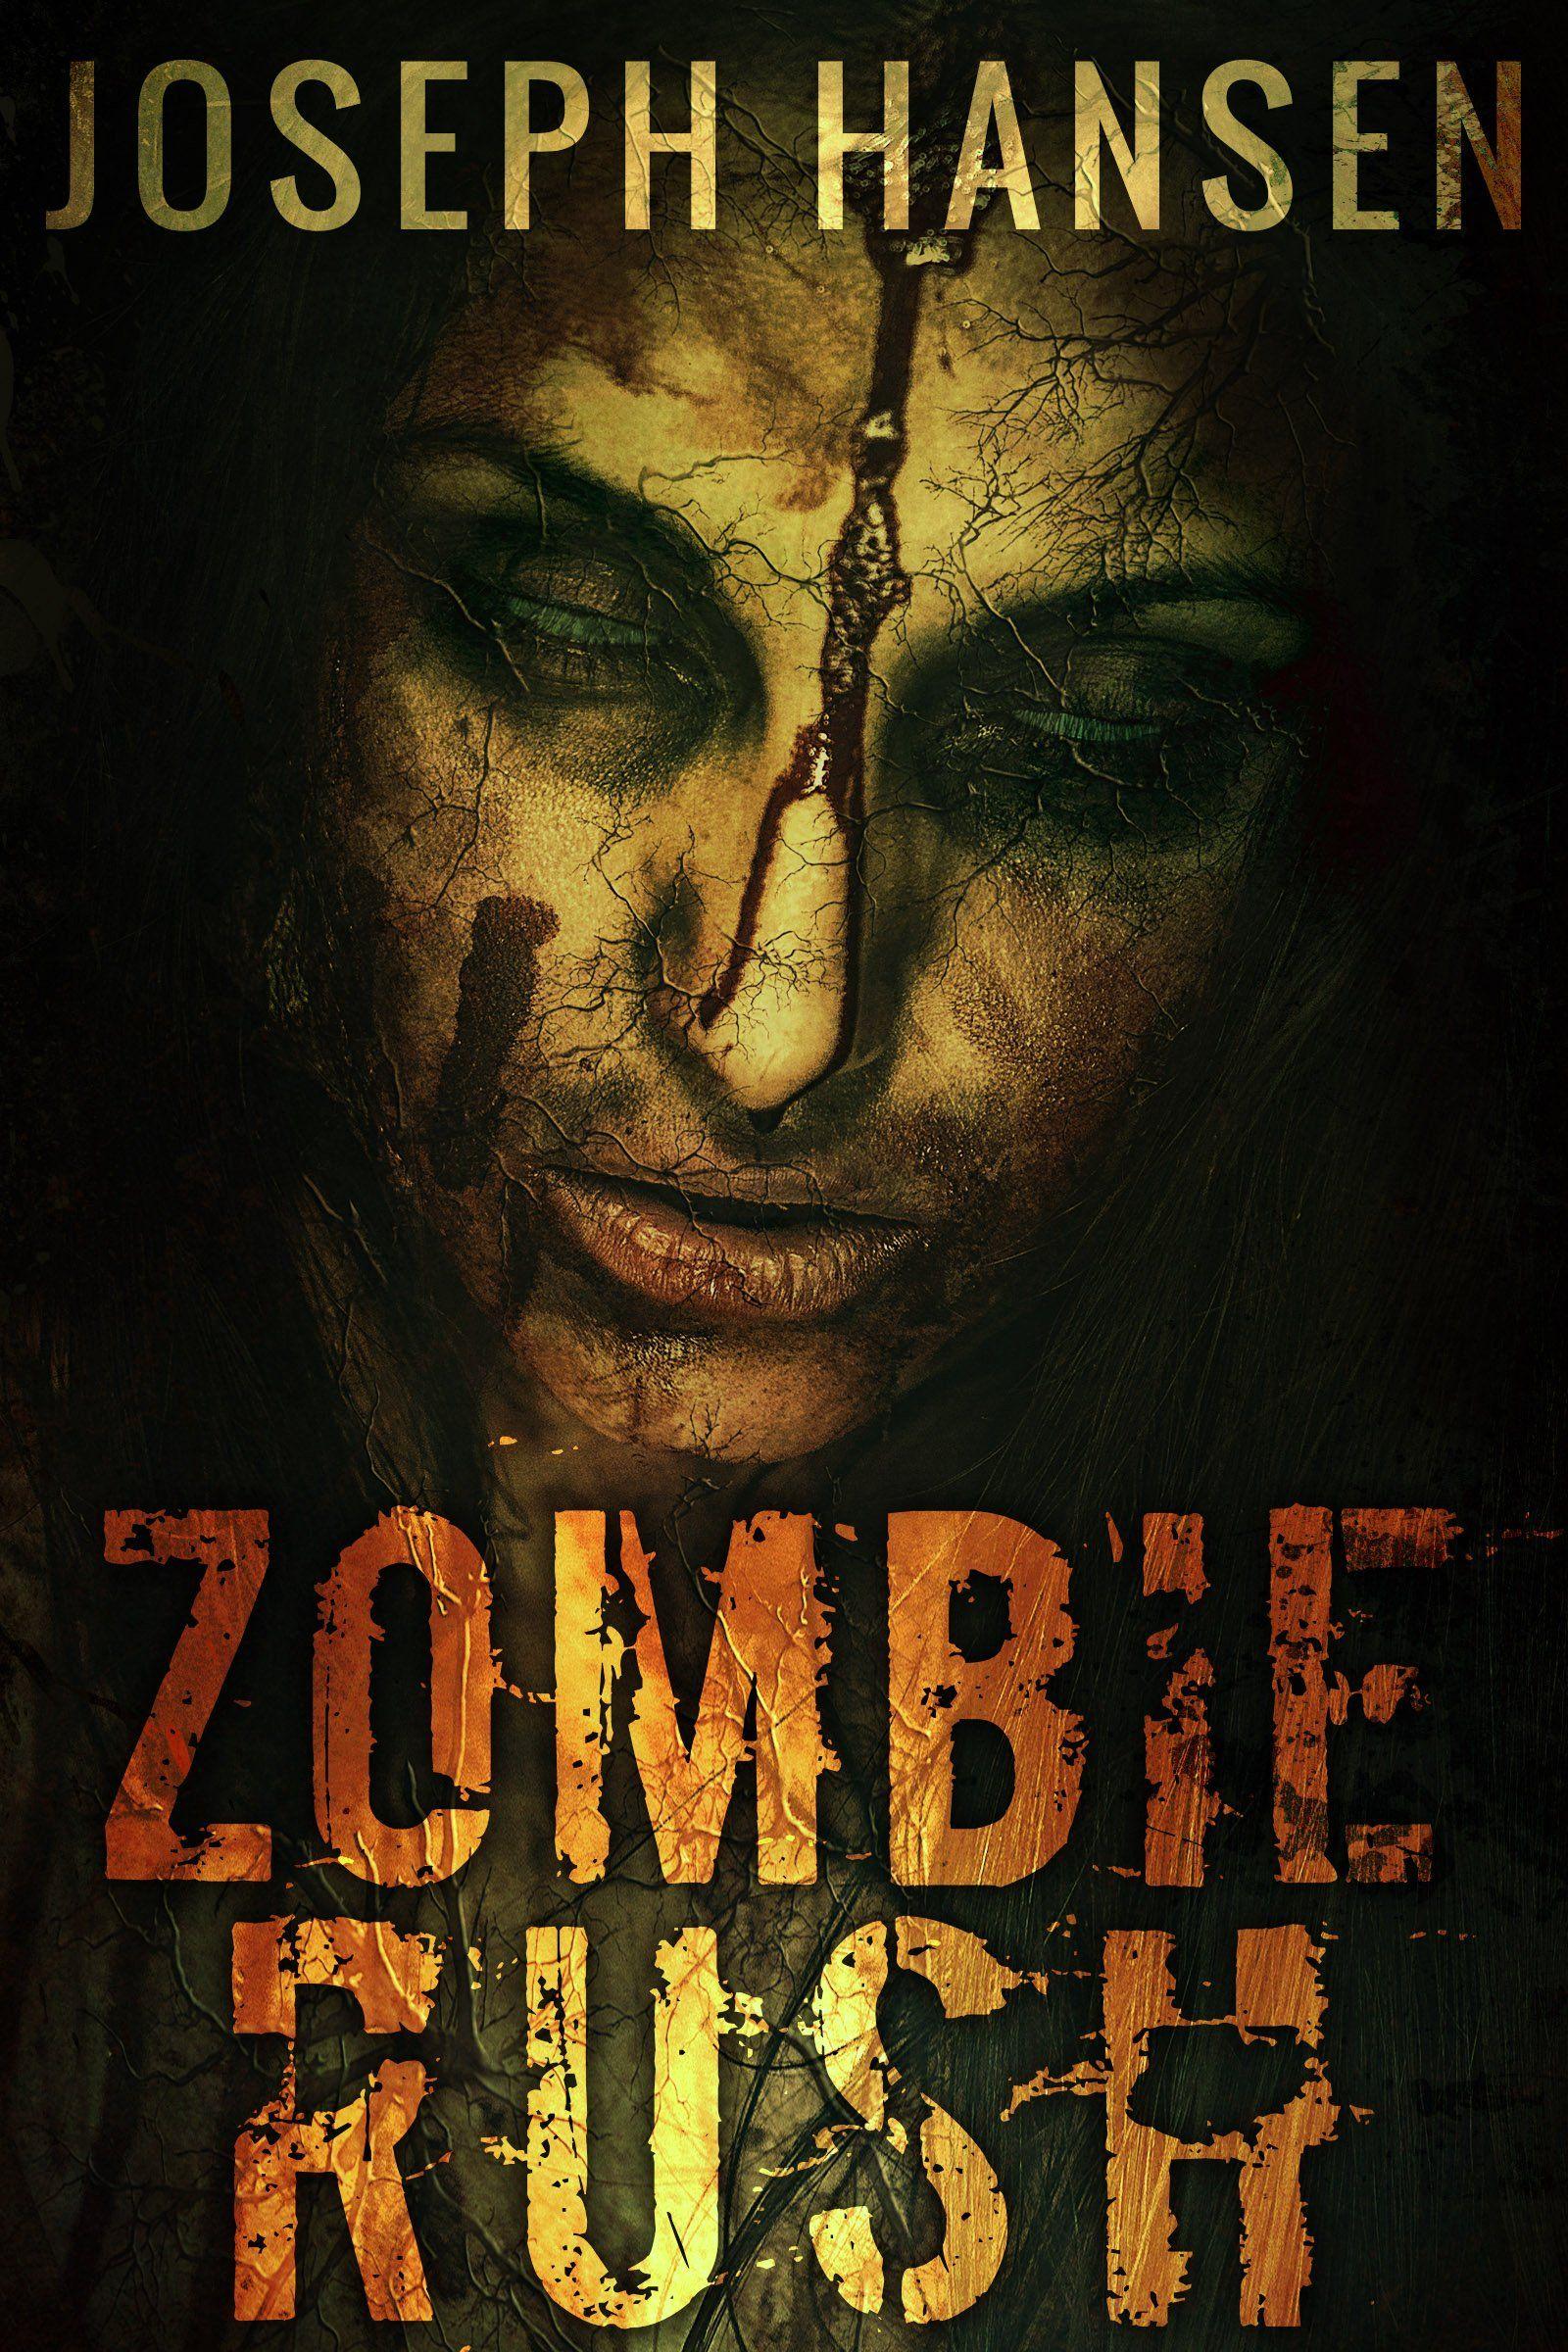 Zombie Rush by Joseph Hansen